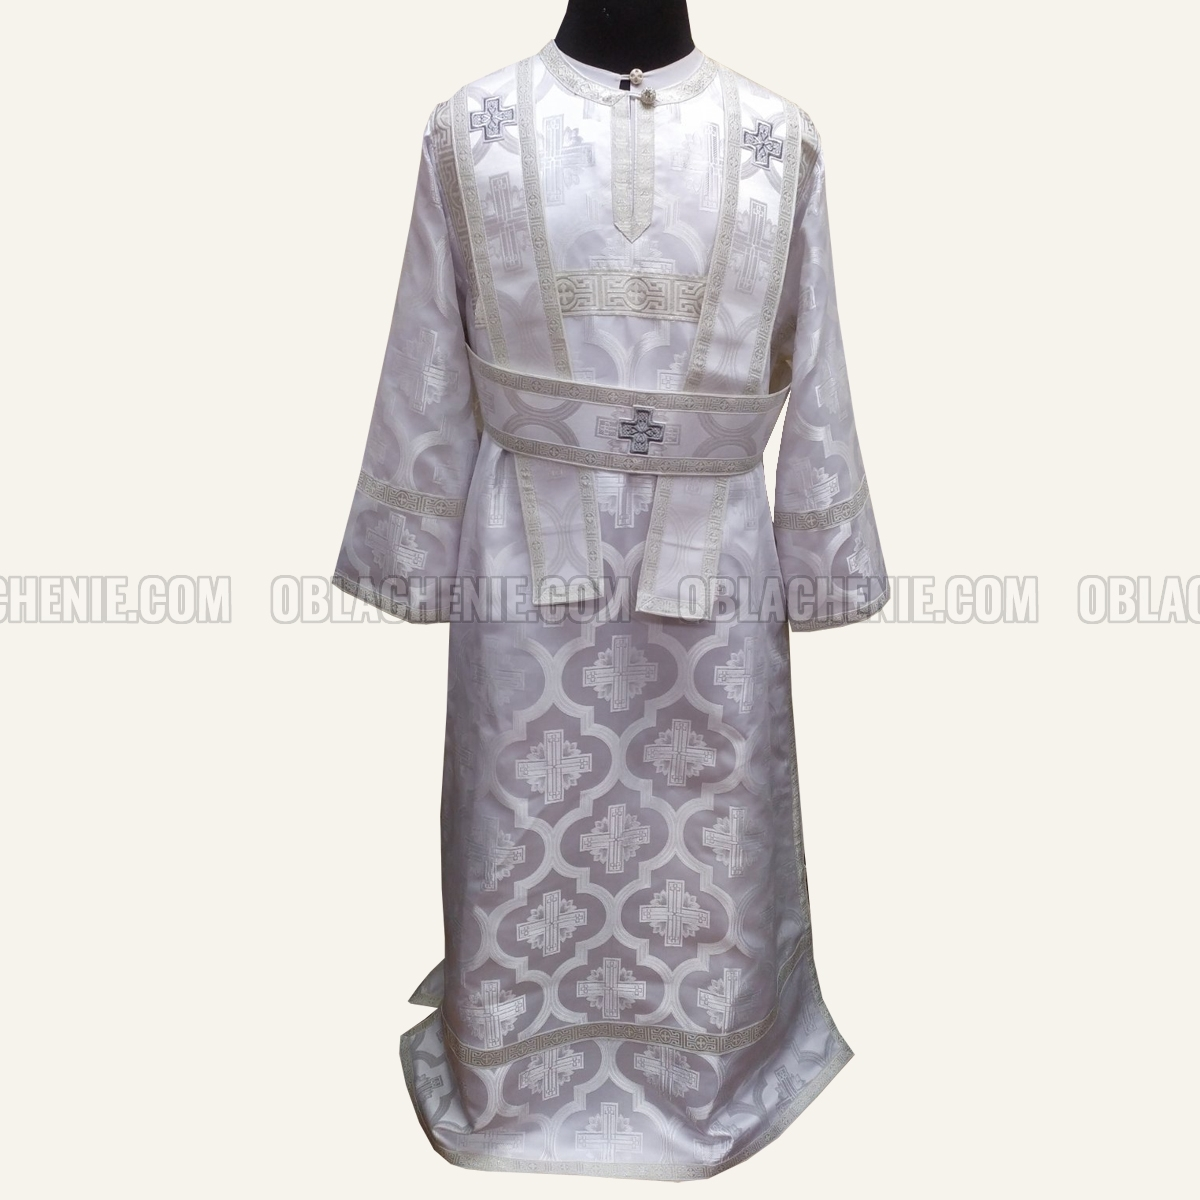 Subdeacon's vestments 11105